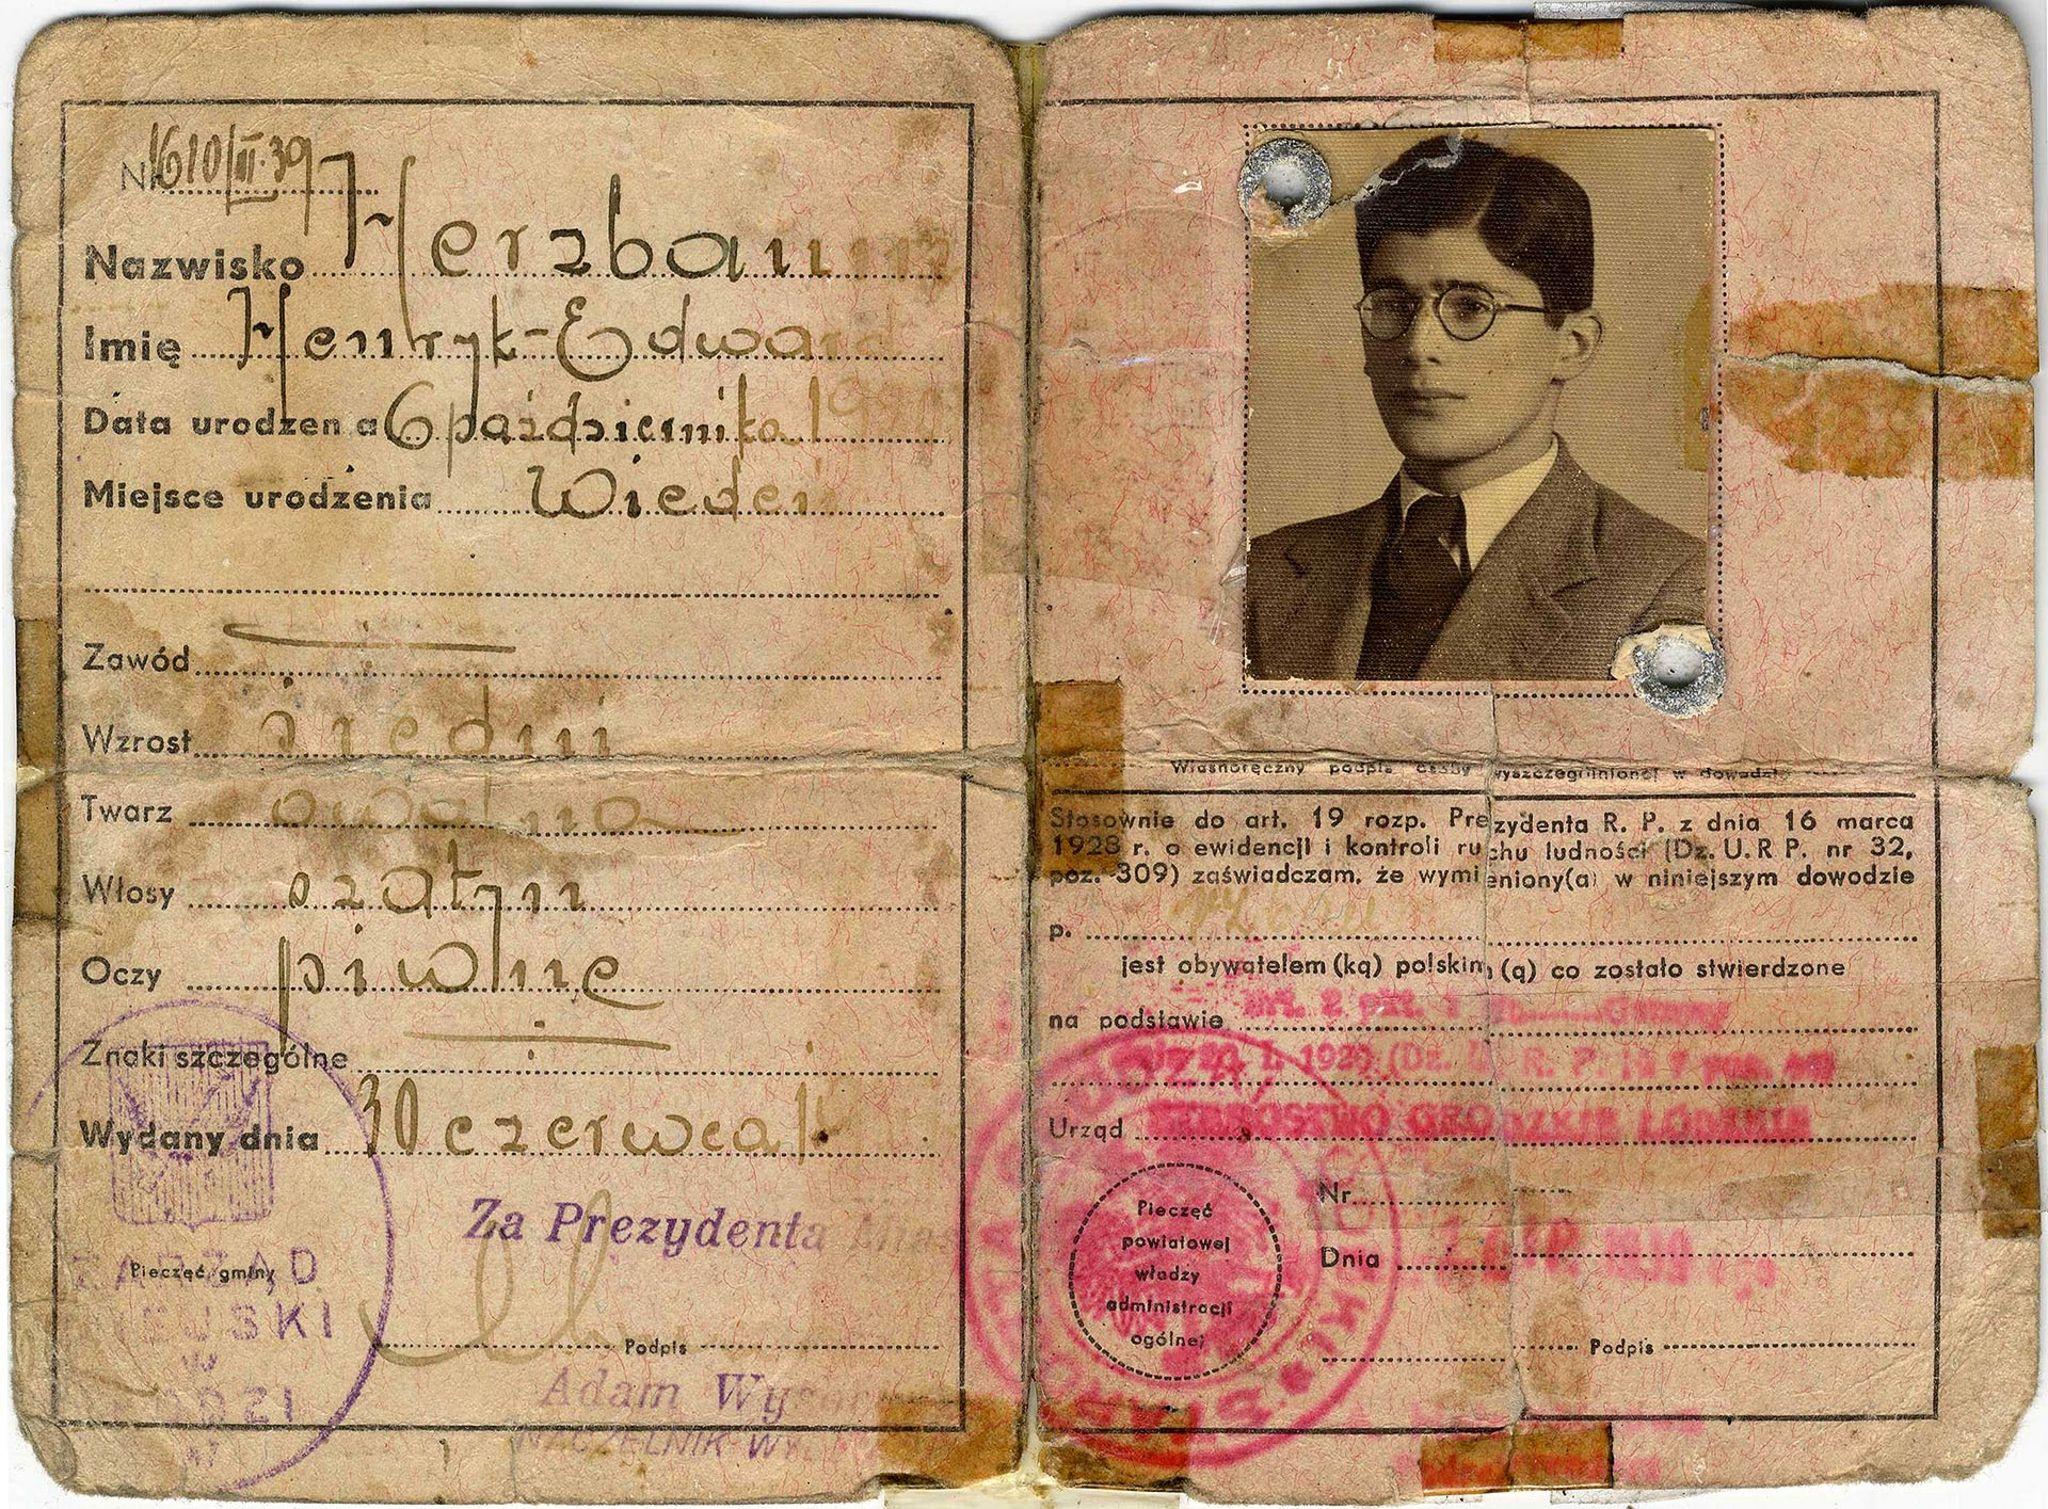 Edward Herzbaum/Hartry's wartime identity documents